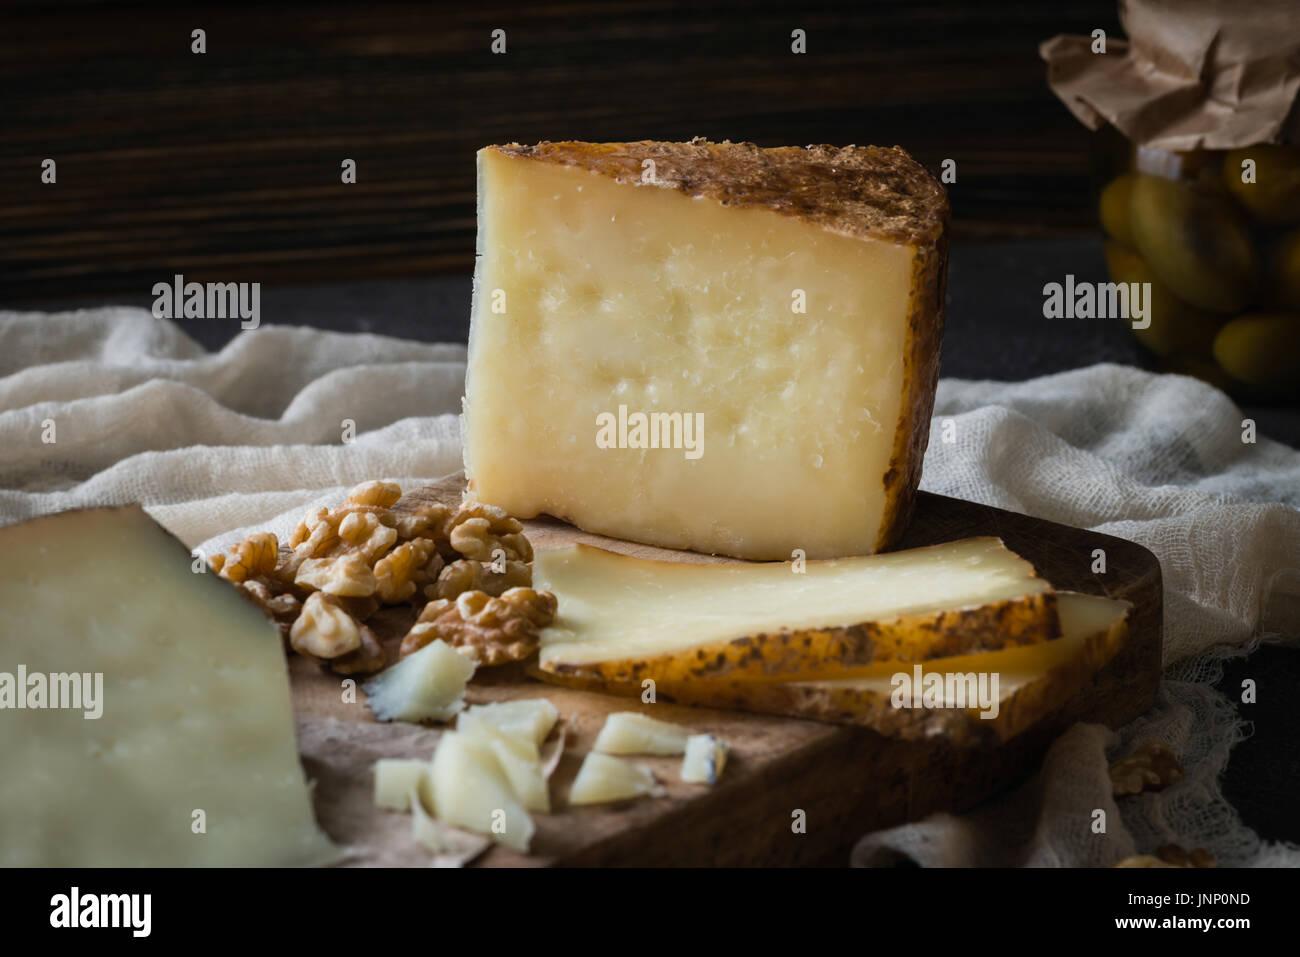 Käseplatte von spanischen Käse Manchego gehackt und in Scheiben geschnitten italienischen Pecorino Toscano) auf Holzbrett mit grünen Oliven im Glas und Nussbaum Stockbild